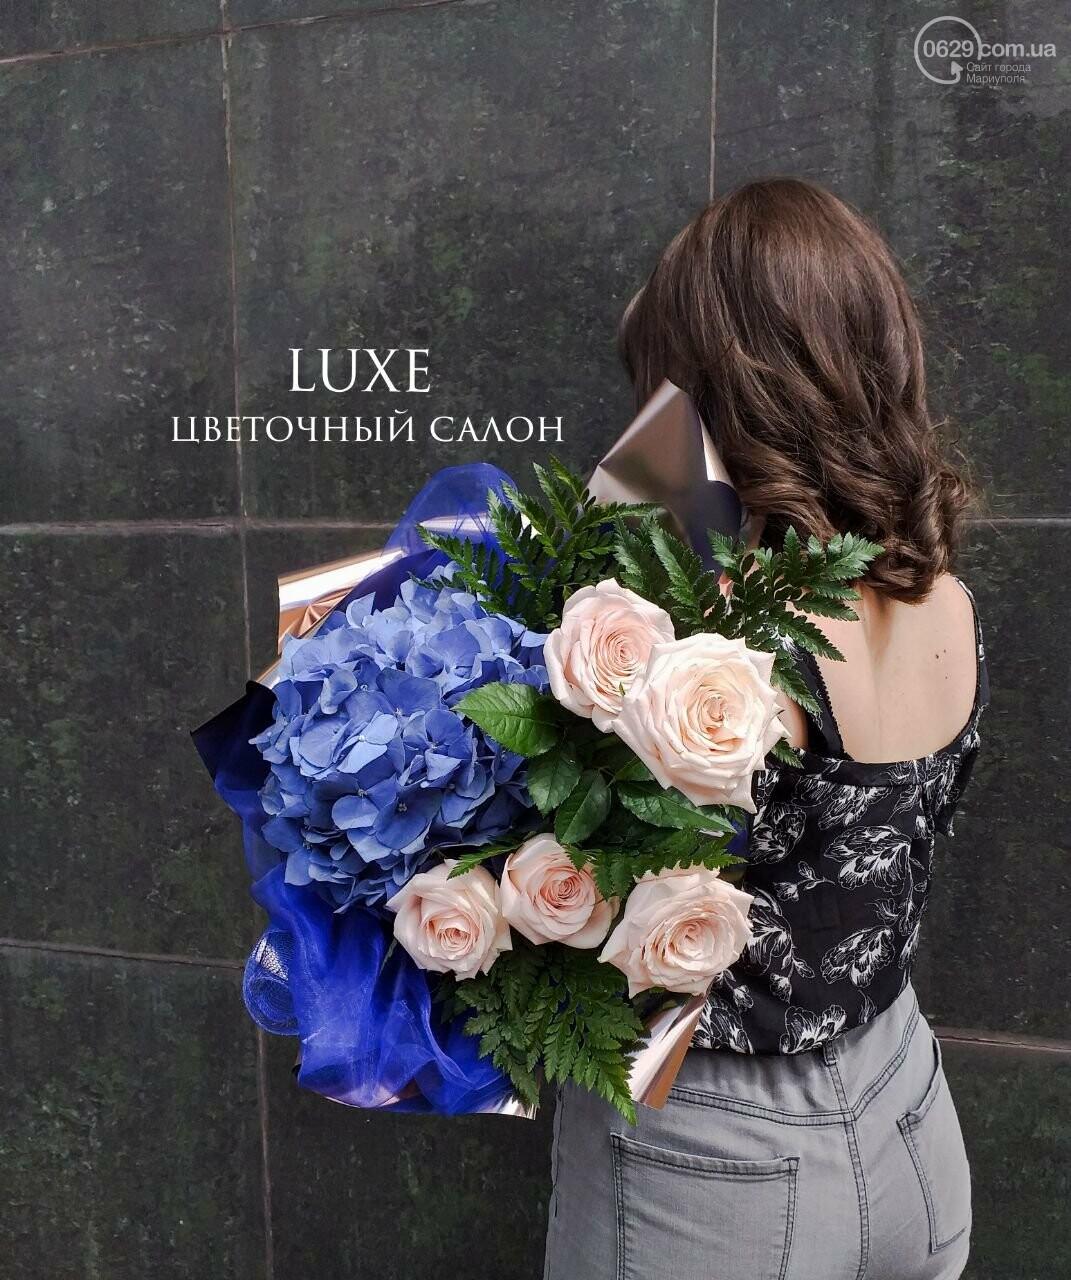 Изысканные, стильные букеты цветов с доставкой от сети салонов LUXE, фото-9